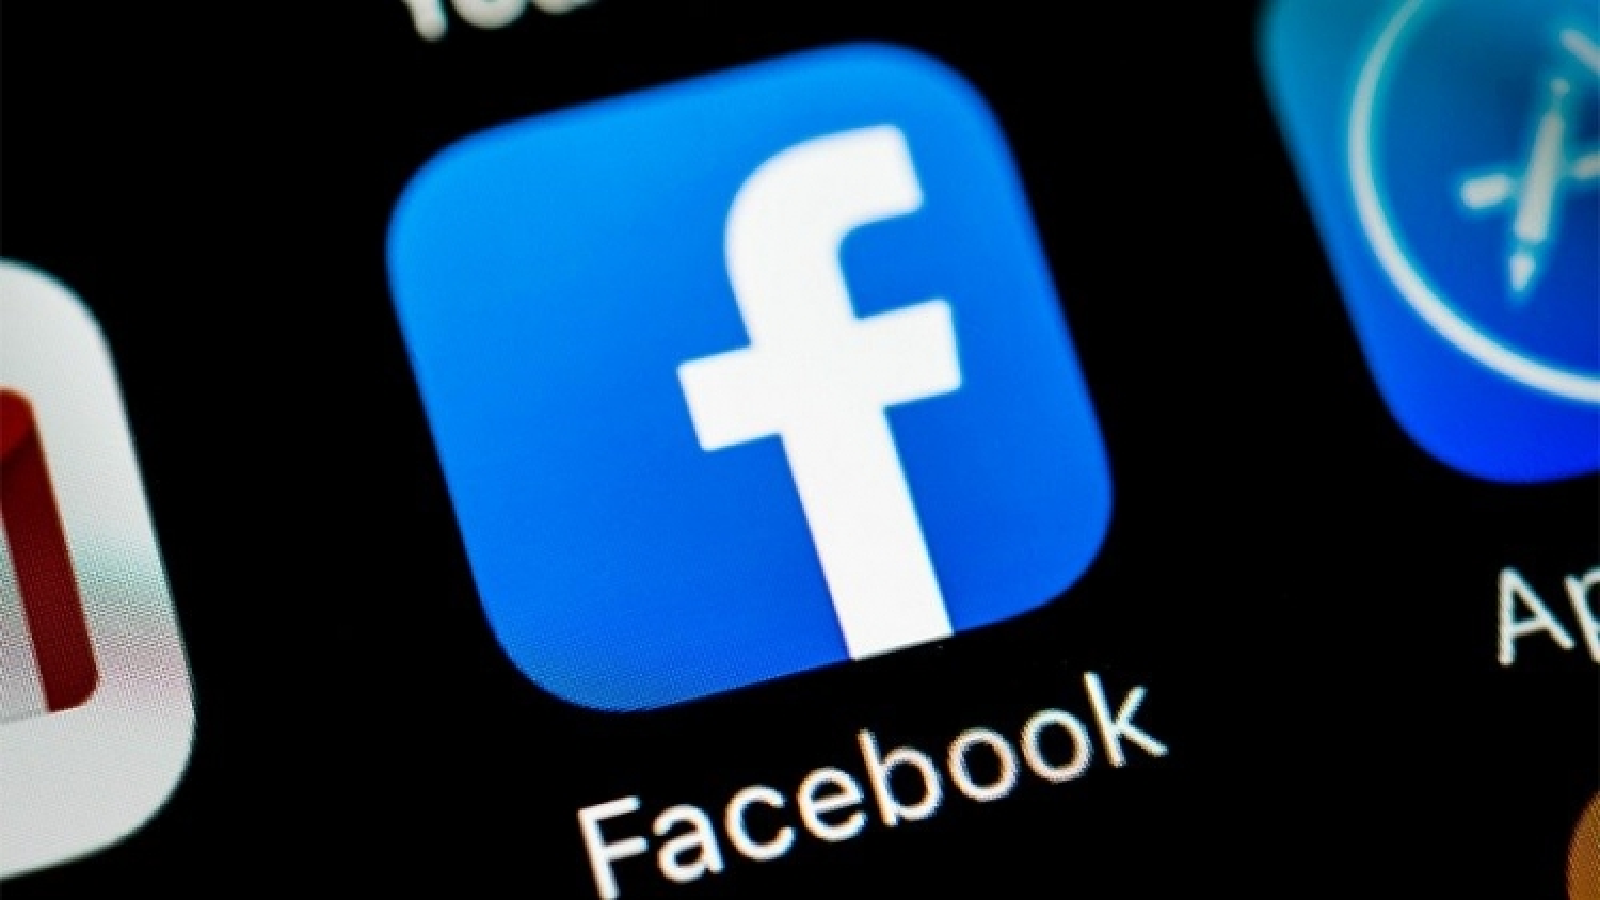 Facebook cấm tài khoản của ông Trump cho tới cuối nhiệm kỳ